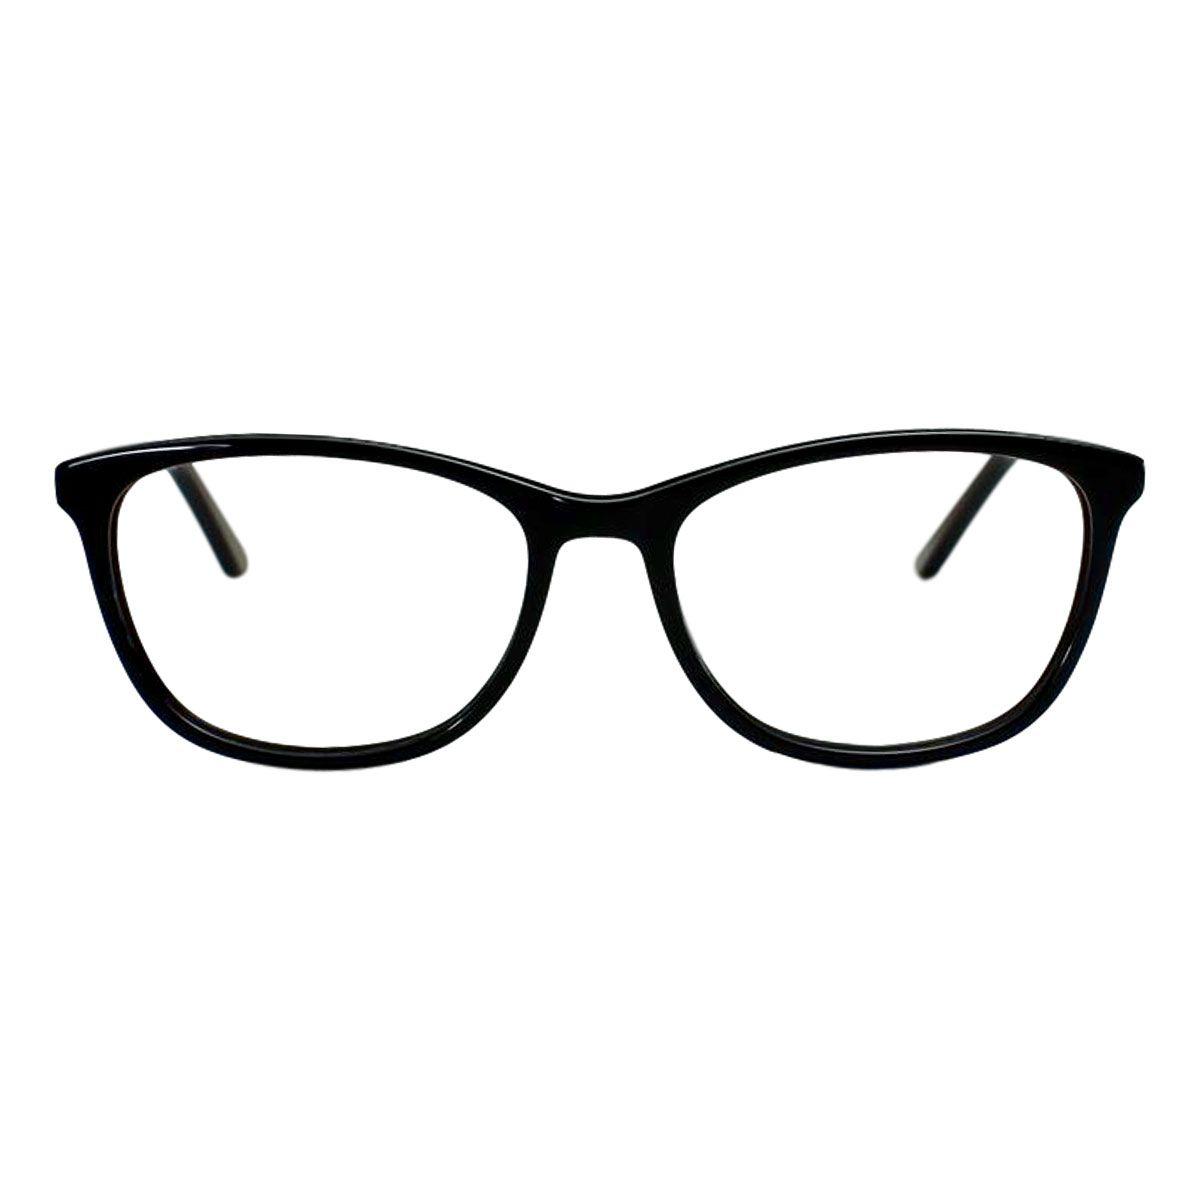 Armação para Óculos Díspar D2013 Acetato - Preto